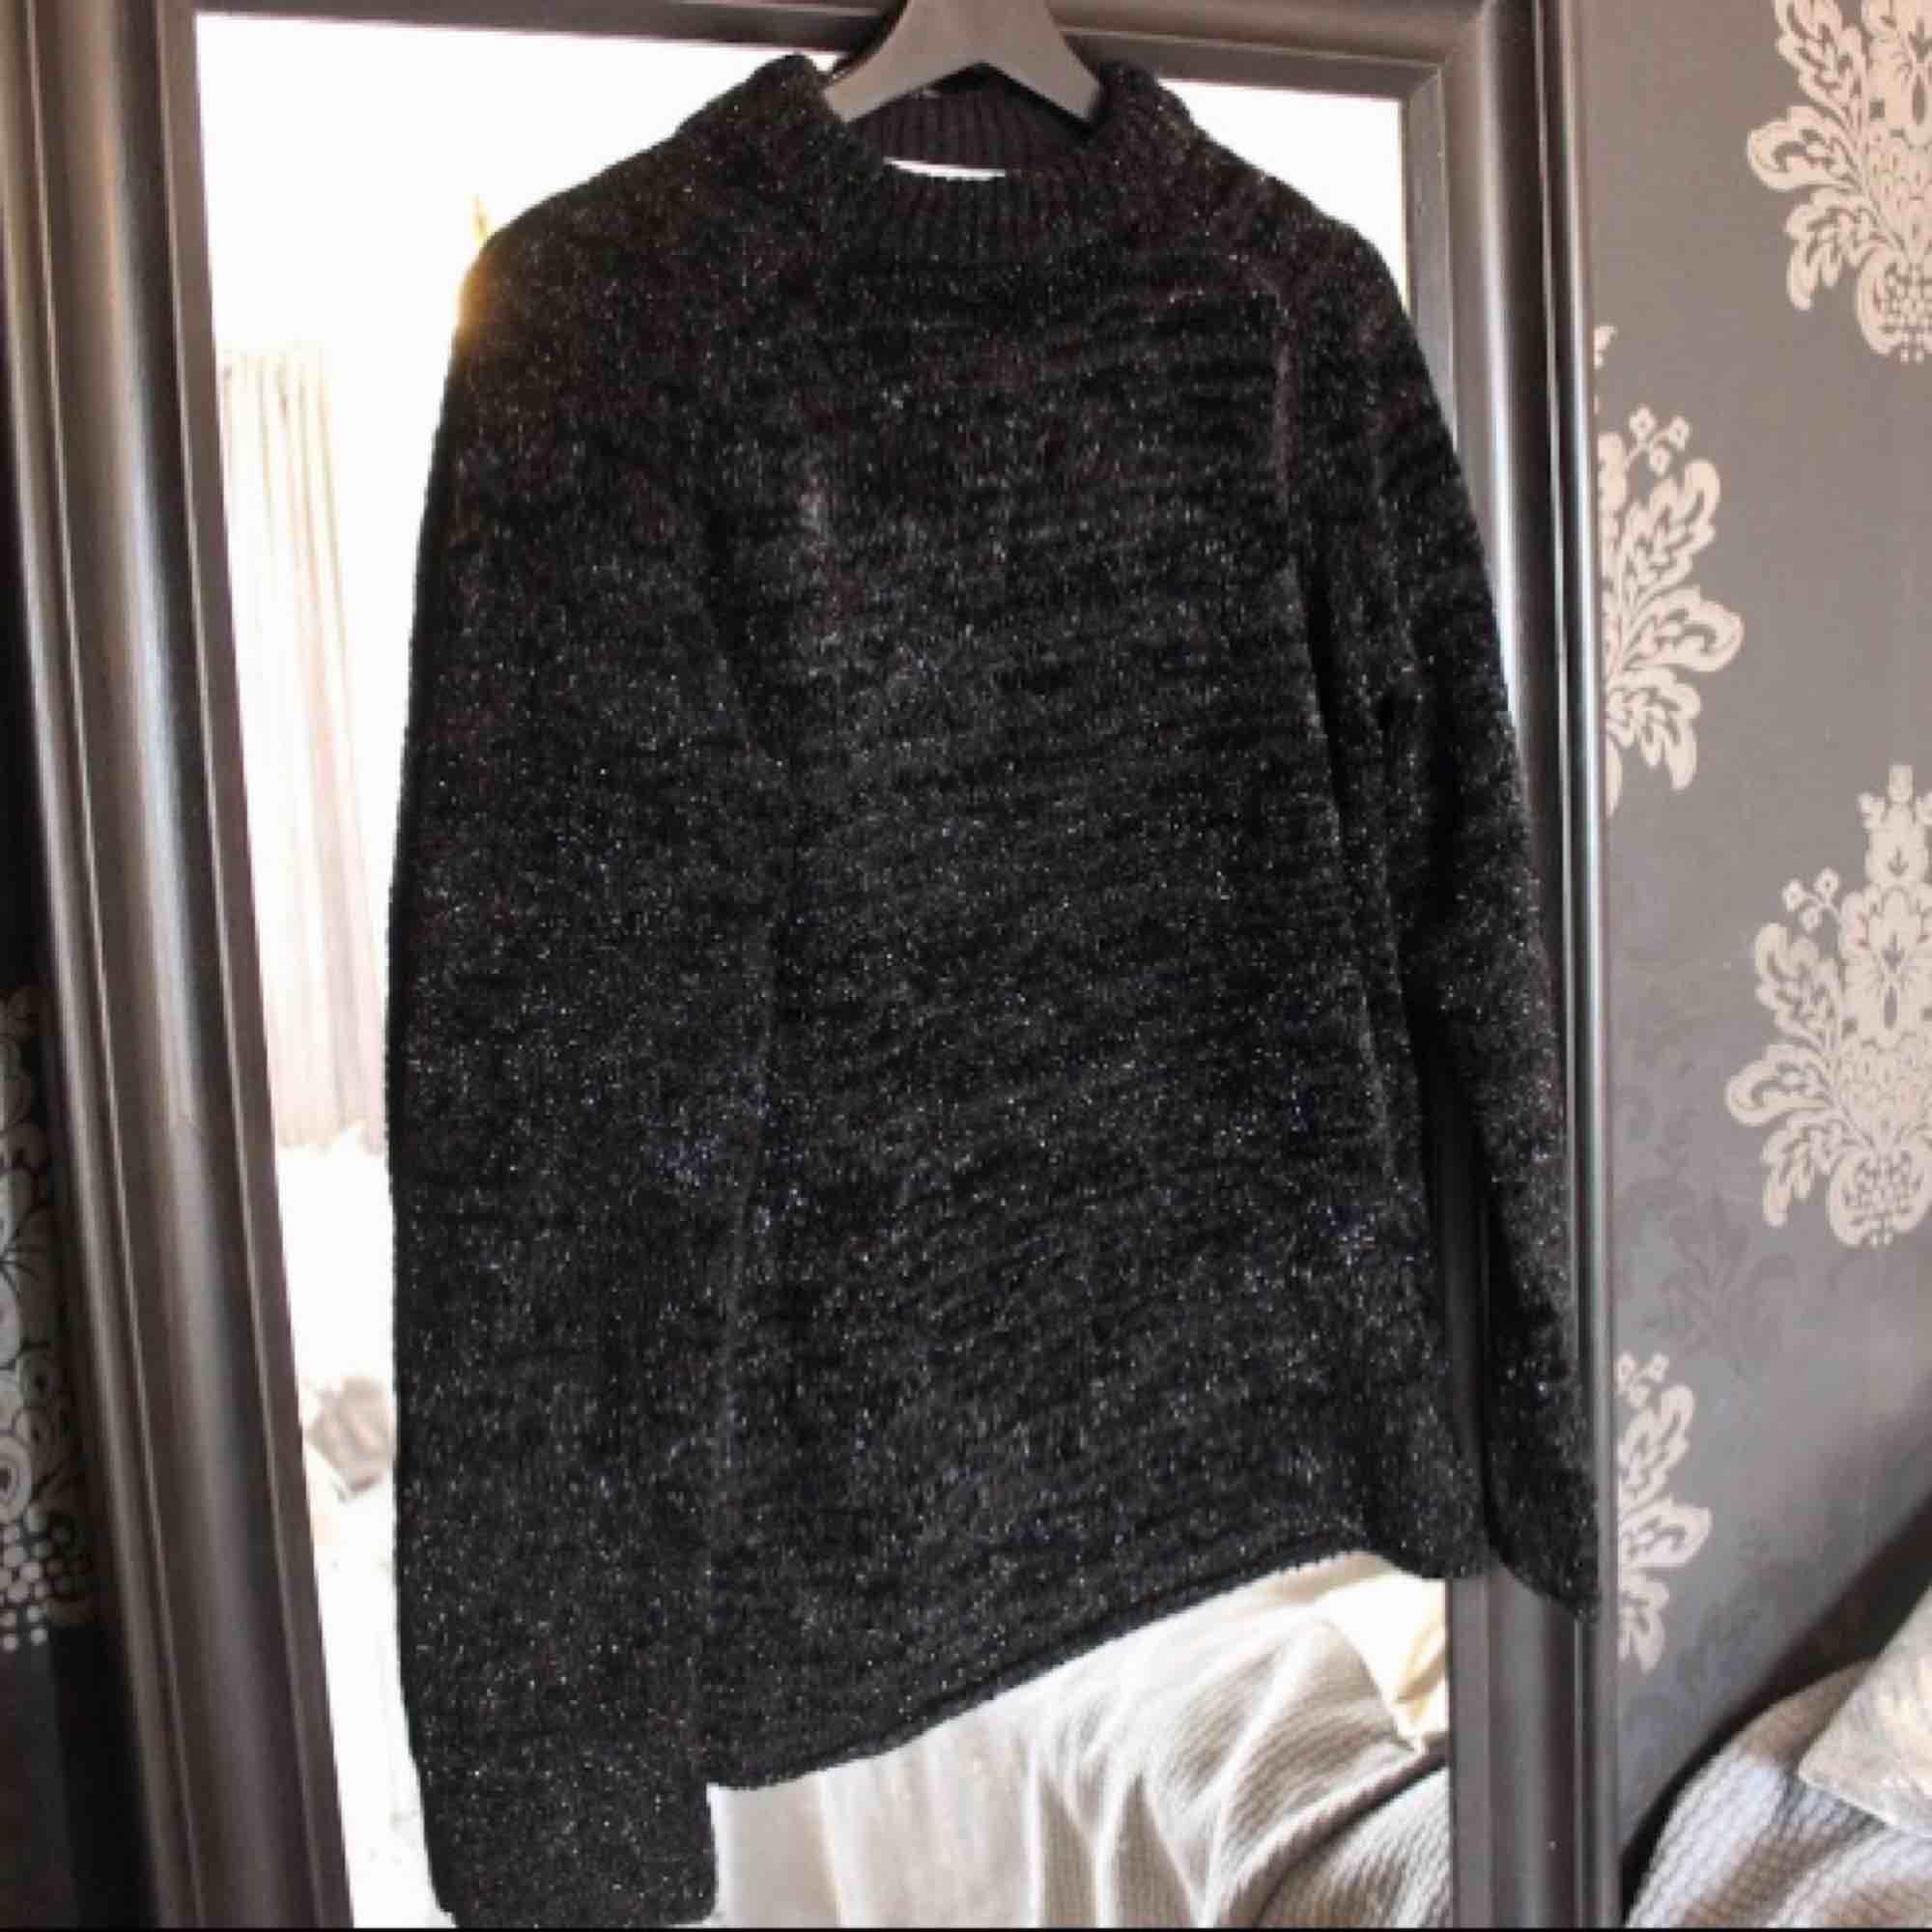 Oanvänd svart tröja med glitter från & Other Stories 💕 Säljs p.g.a. tyckte om den så mycket så två stycken vilket känns lite onödigt 😅 Storlek xs passar även s. Frakt: 79:-. Tröjor & Koftor.